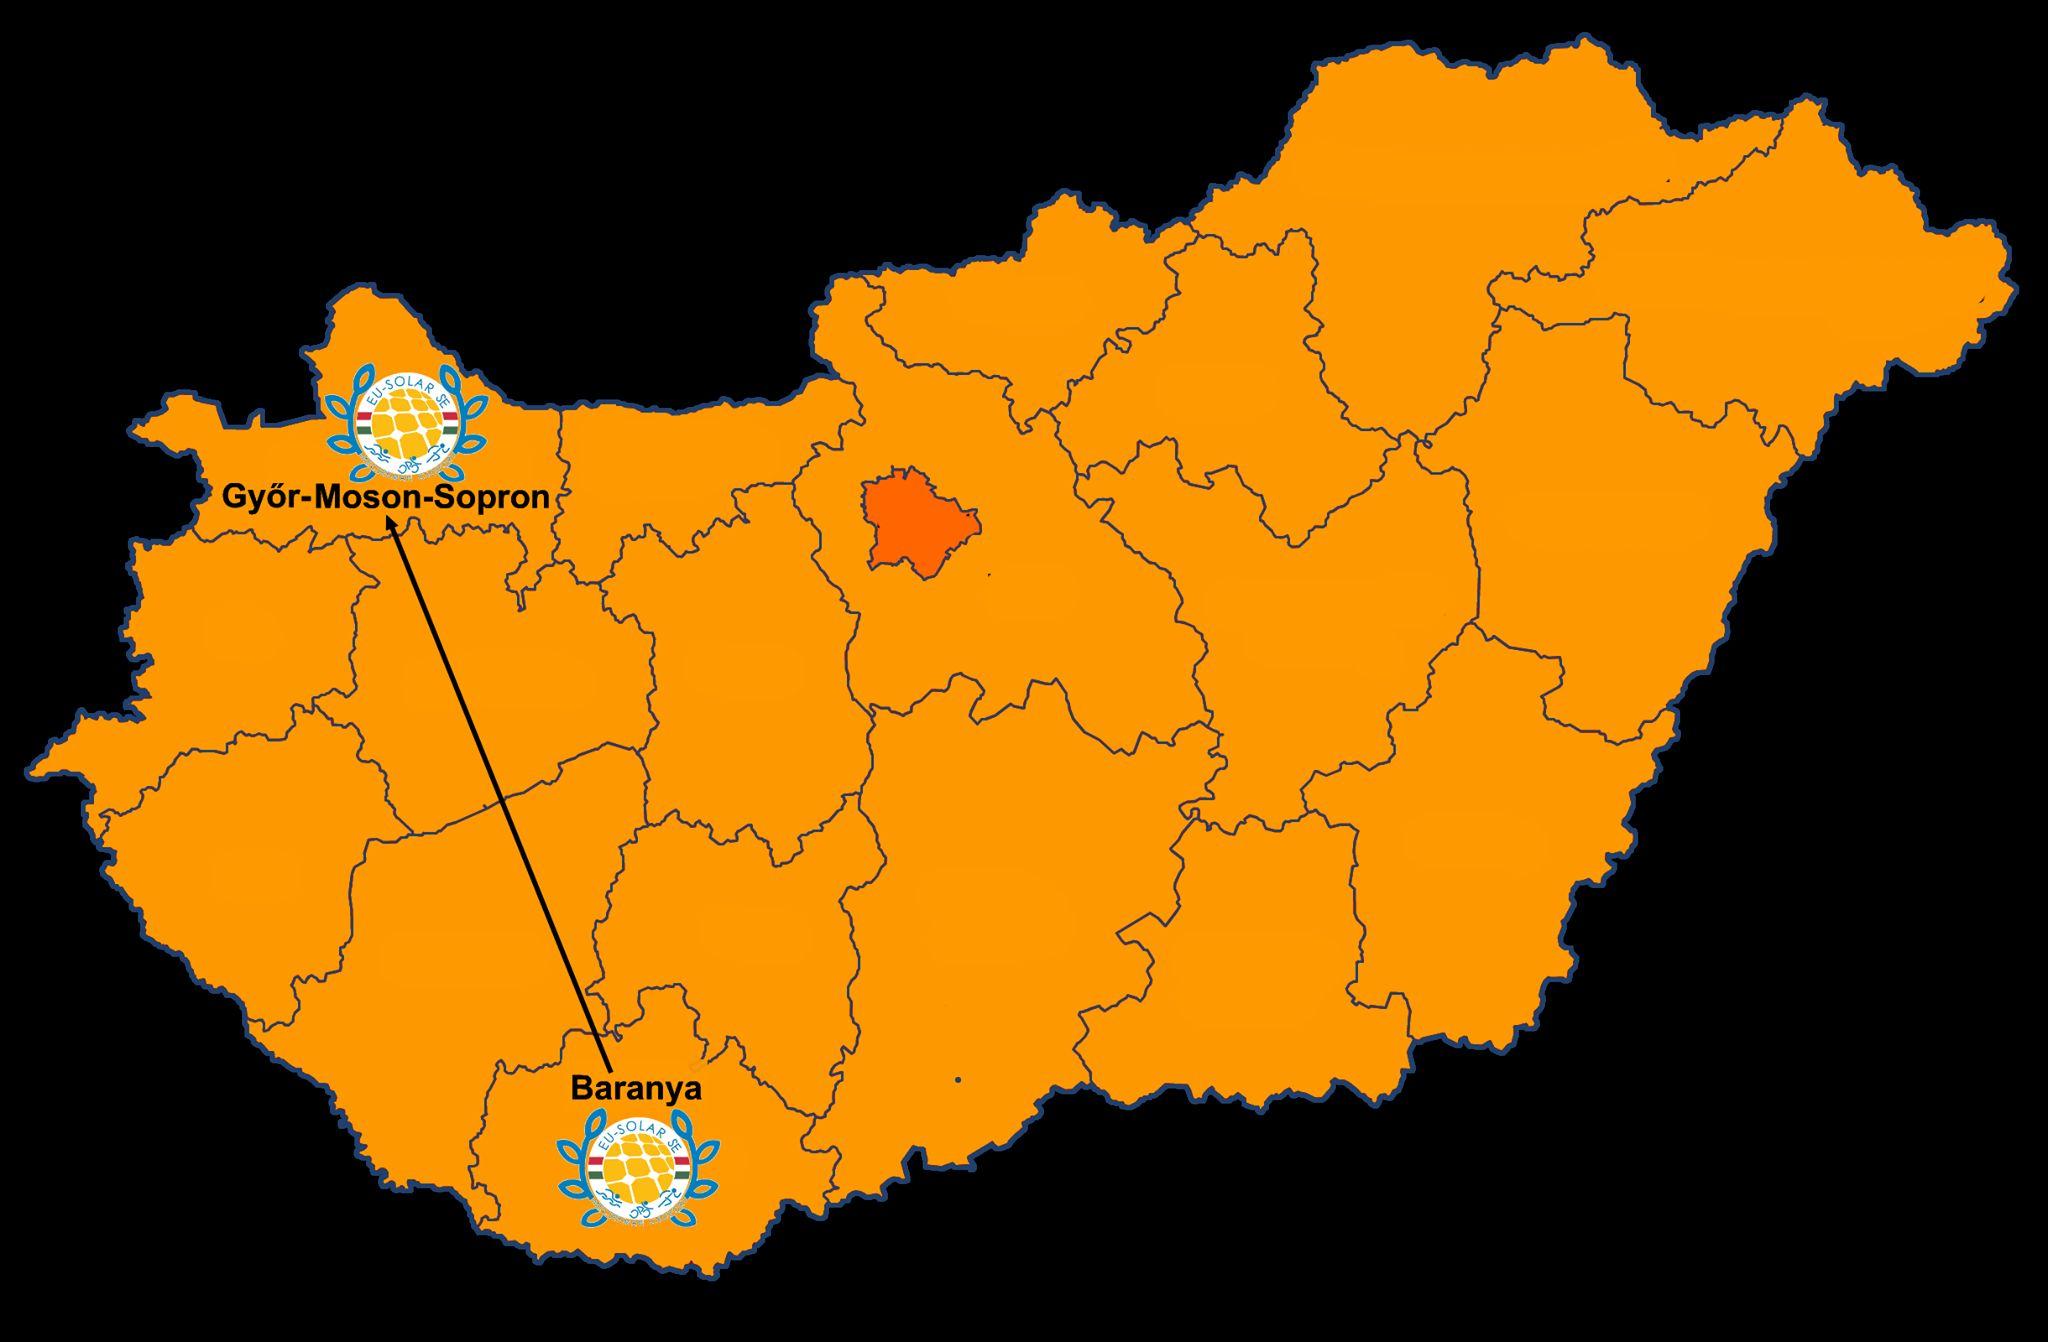 Baranya-Győr